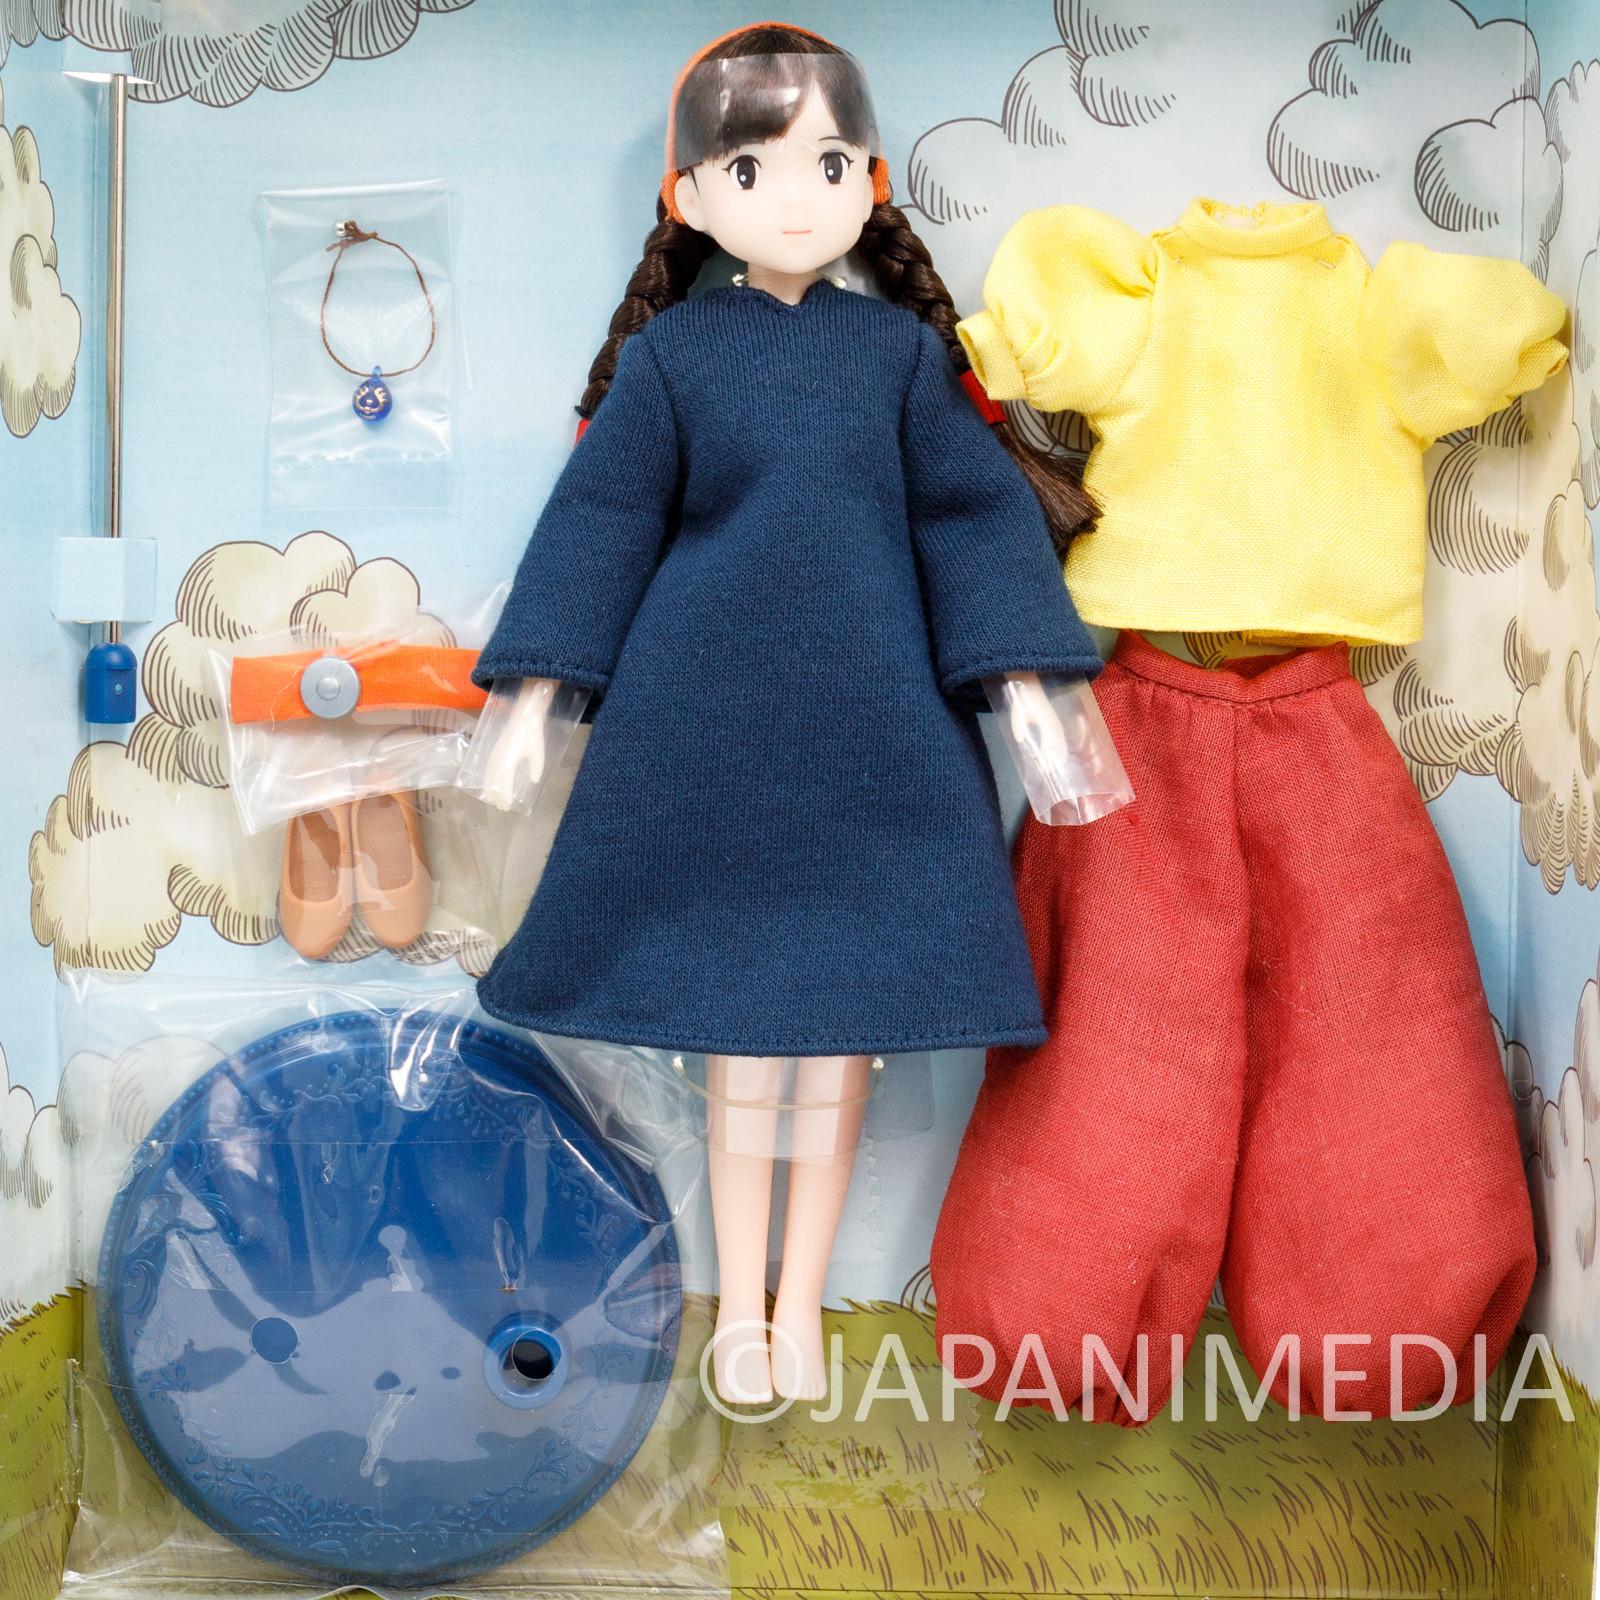 Castle in the Sky Sheeta Figure Licca Rize Doll Takara Tomy Ghibli JAPAN